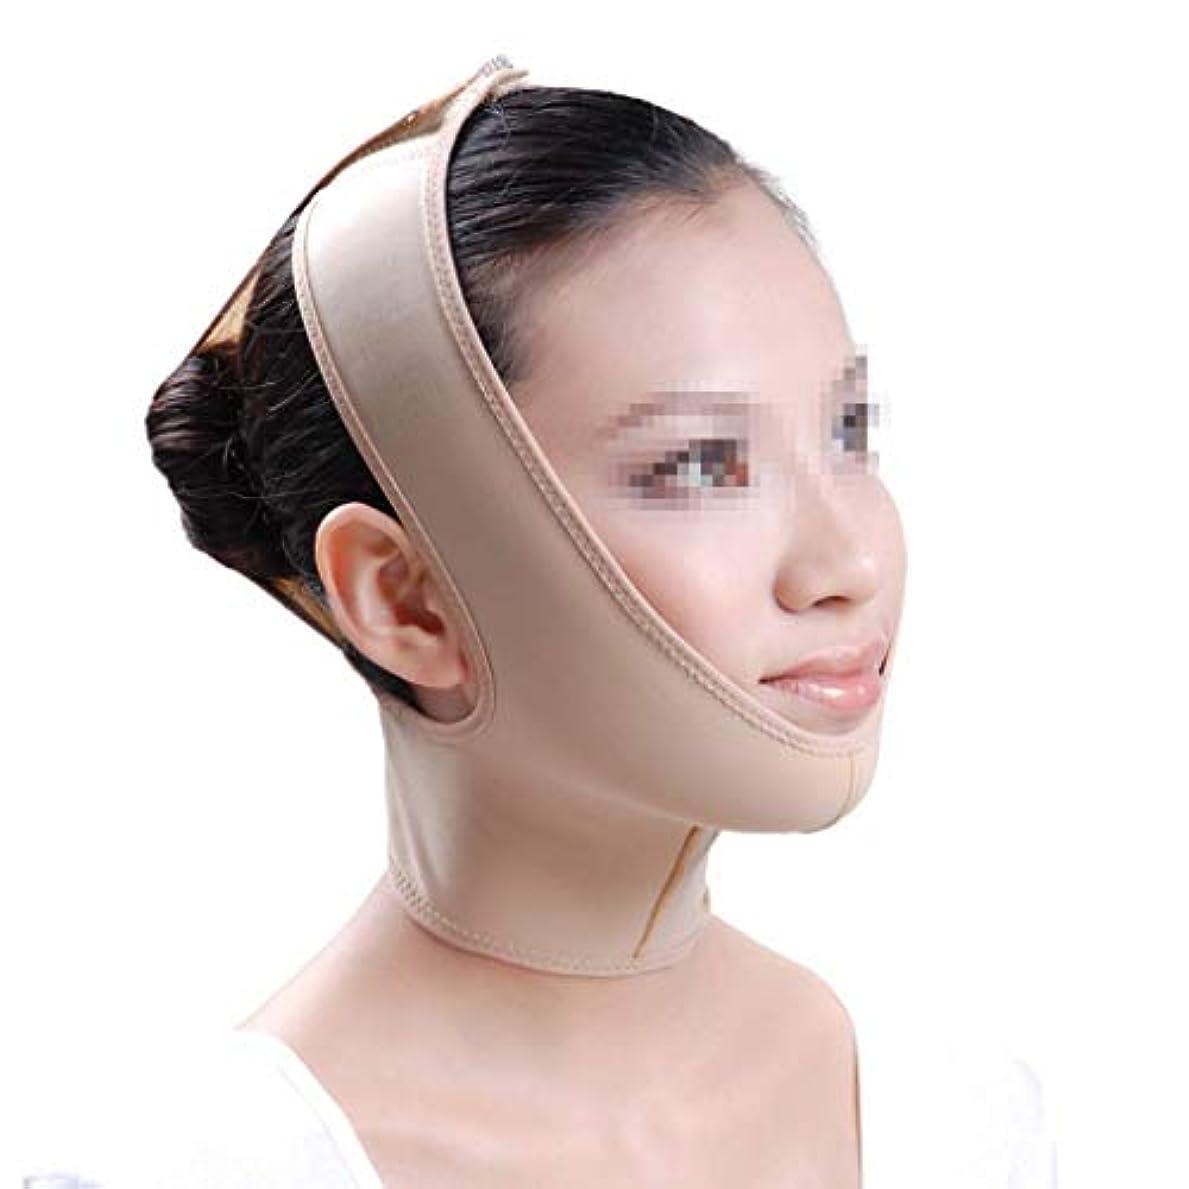 計画演じる結婚したフェイスリフトマスク、顎首スリーブ首ダブルあご顔医療脂肪吸引手術傷フェイスマスクヘッド弾性スリーブ(サイズ:XXL)